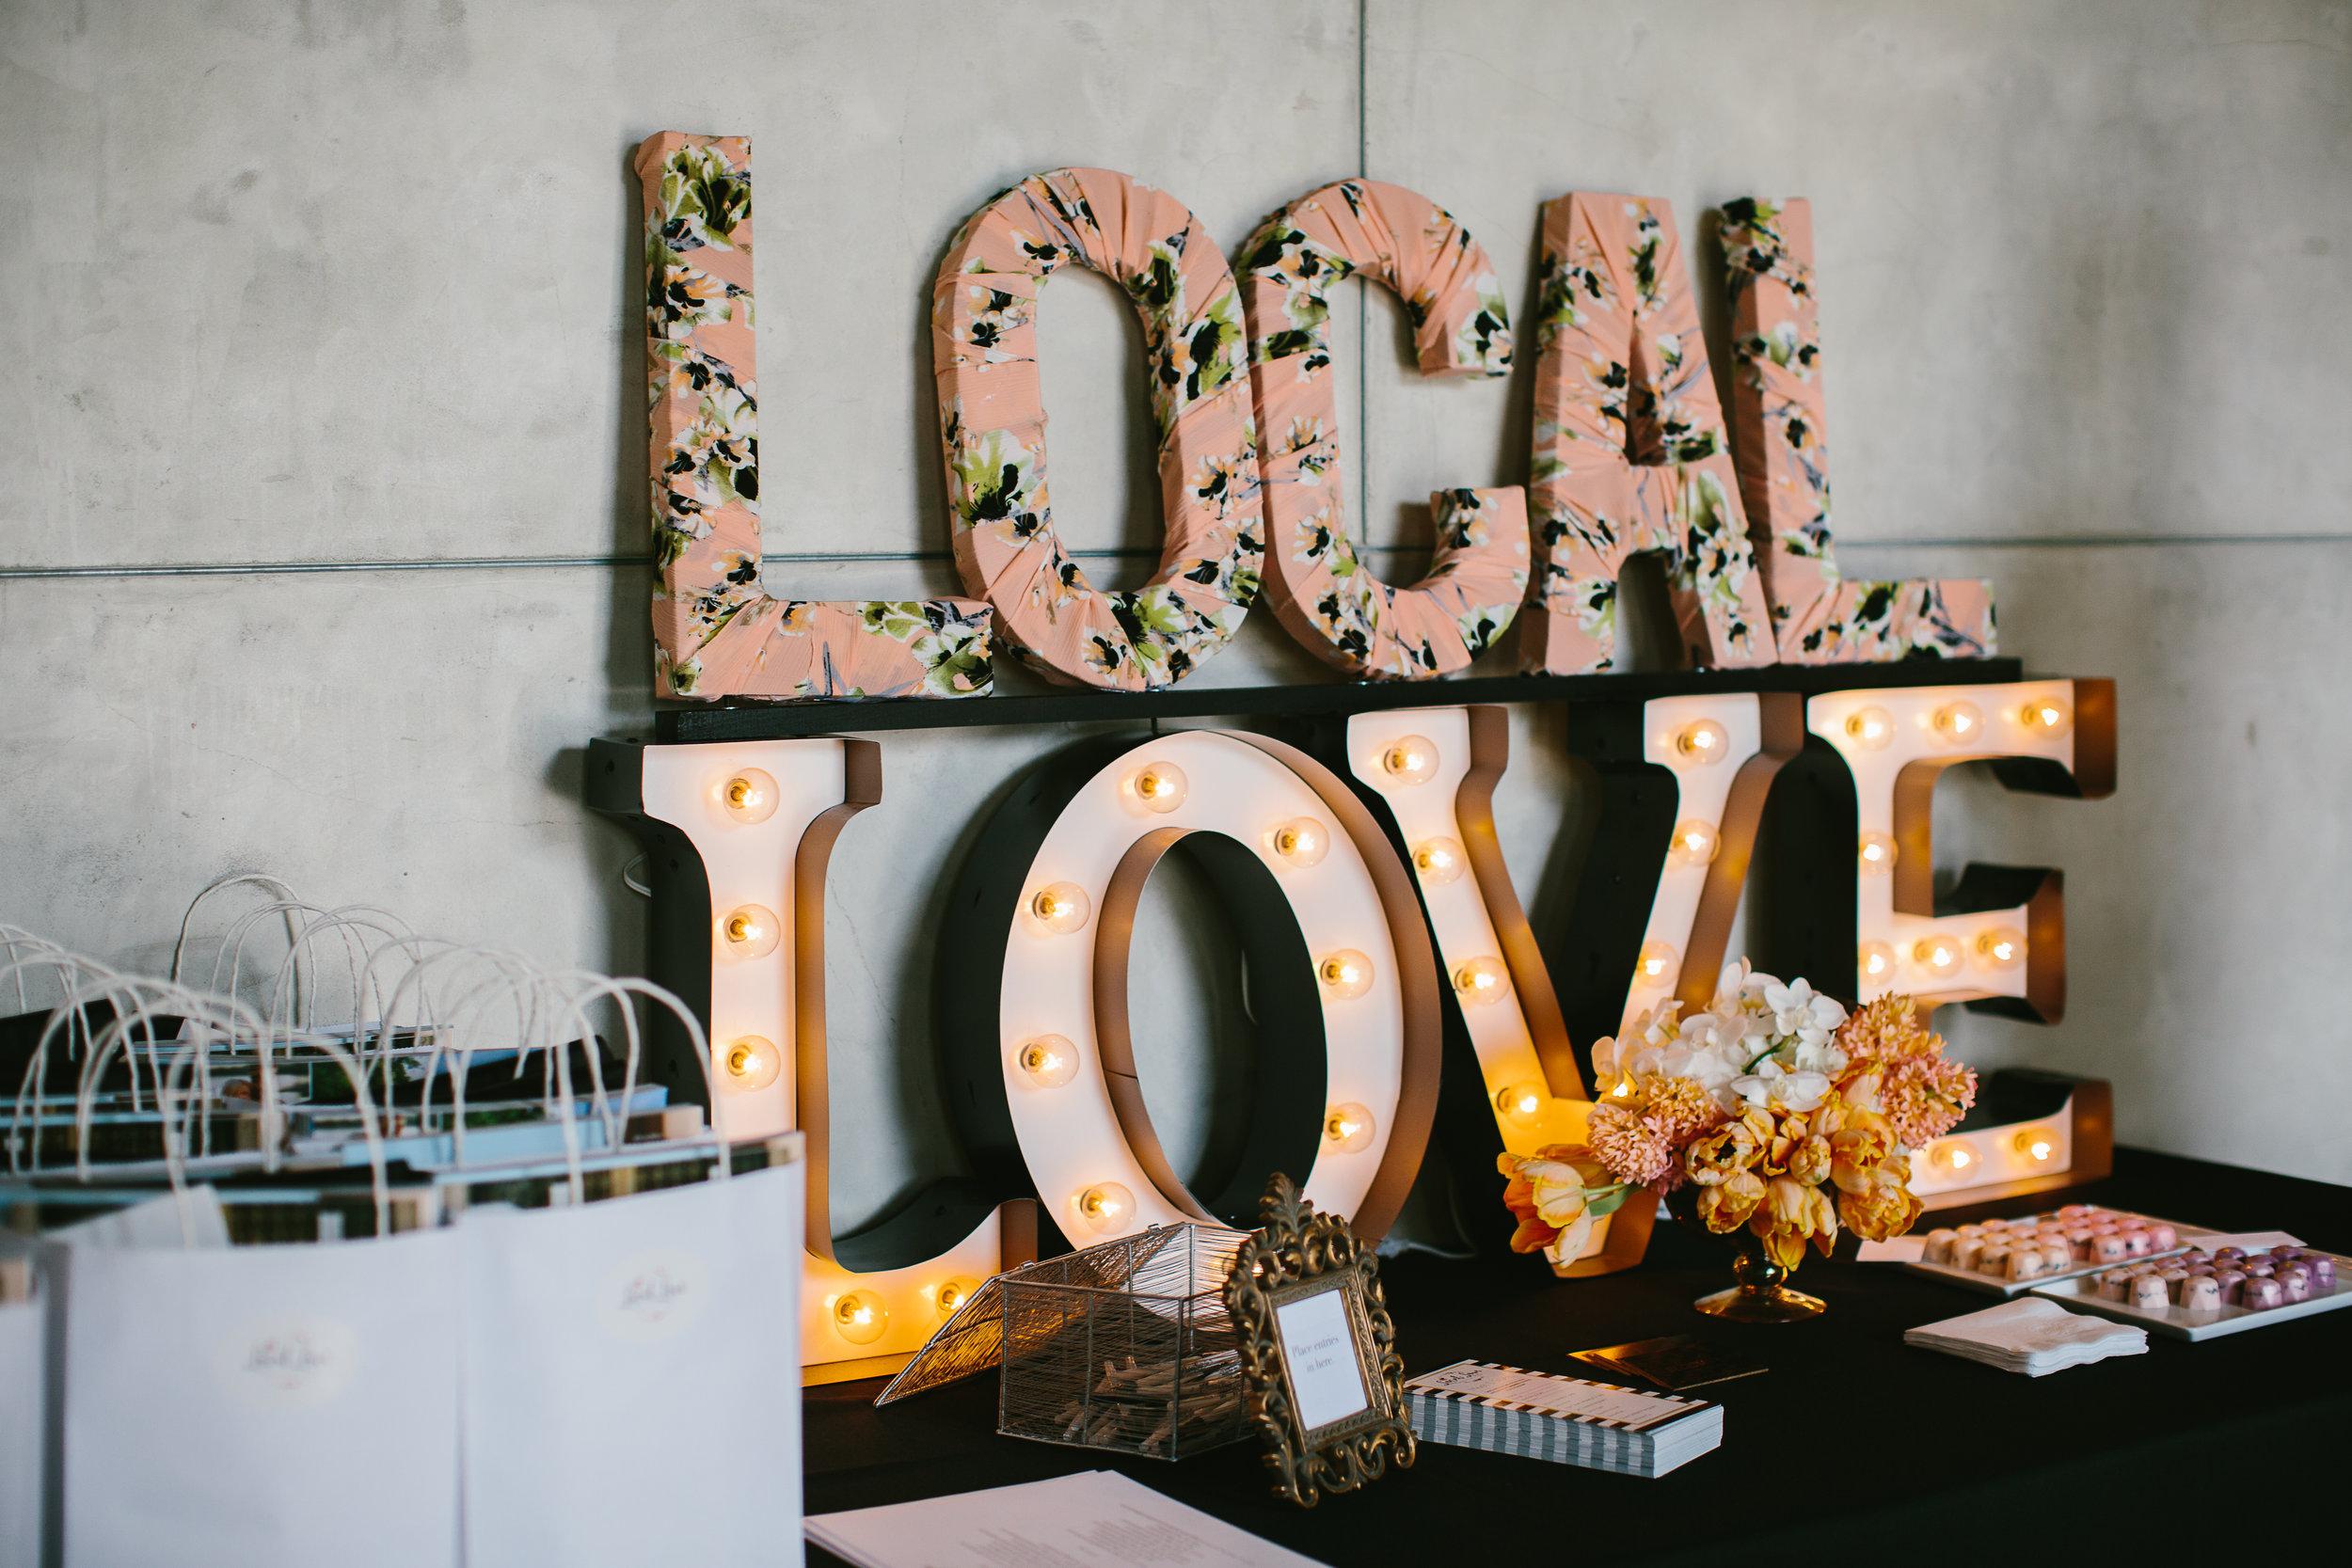 locallove-1.jpg